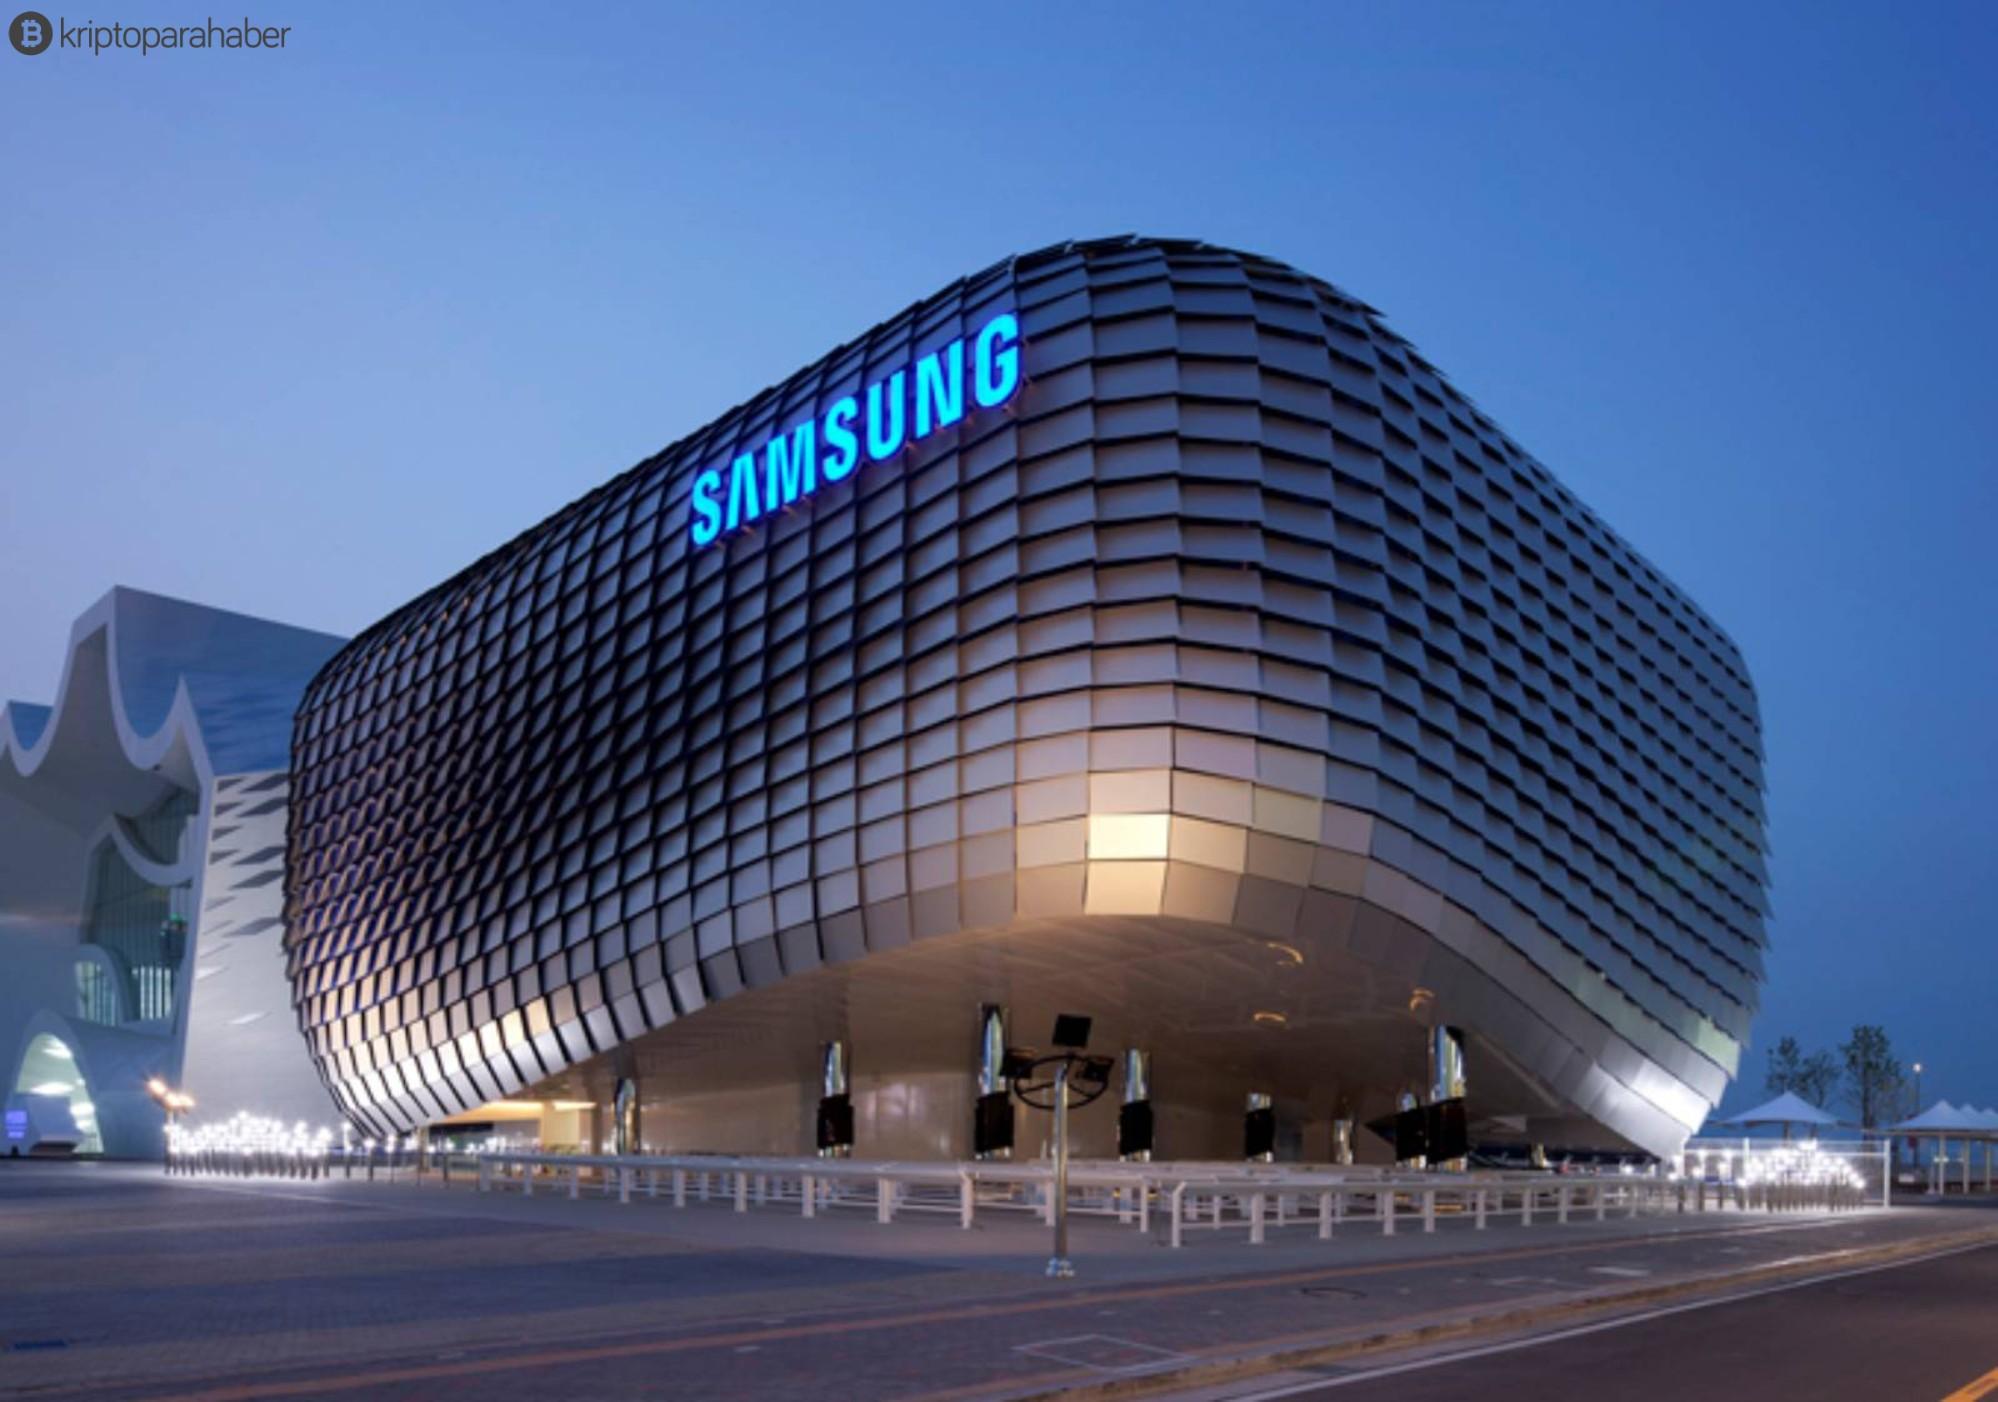 TRON ve Samsung arasında dev iş birliği! TRX fiyatı etkilendi mi?